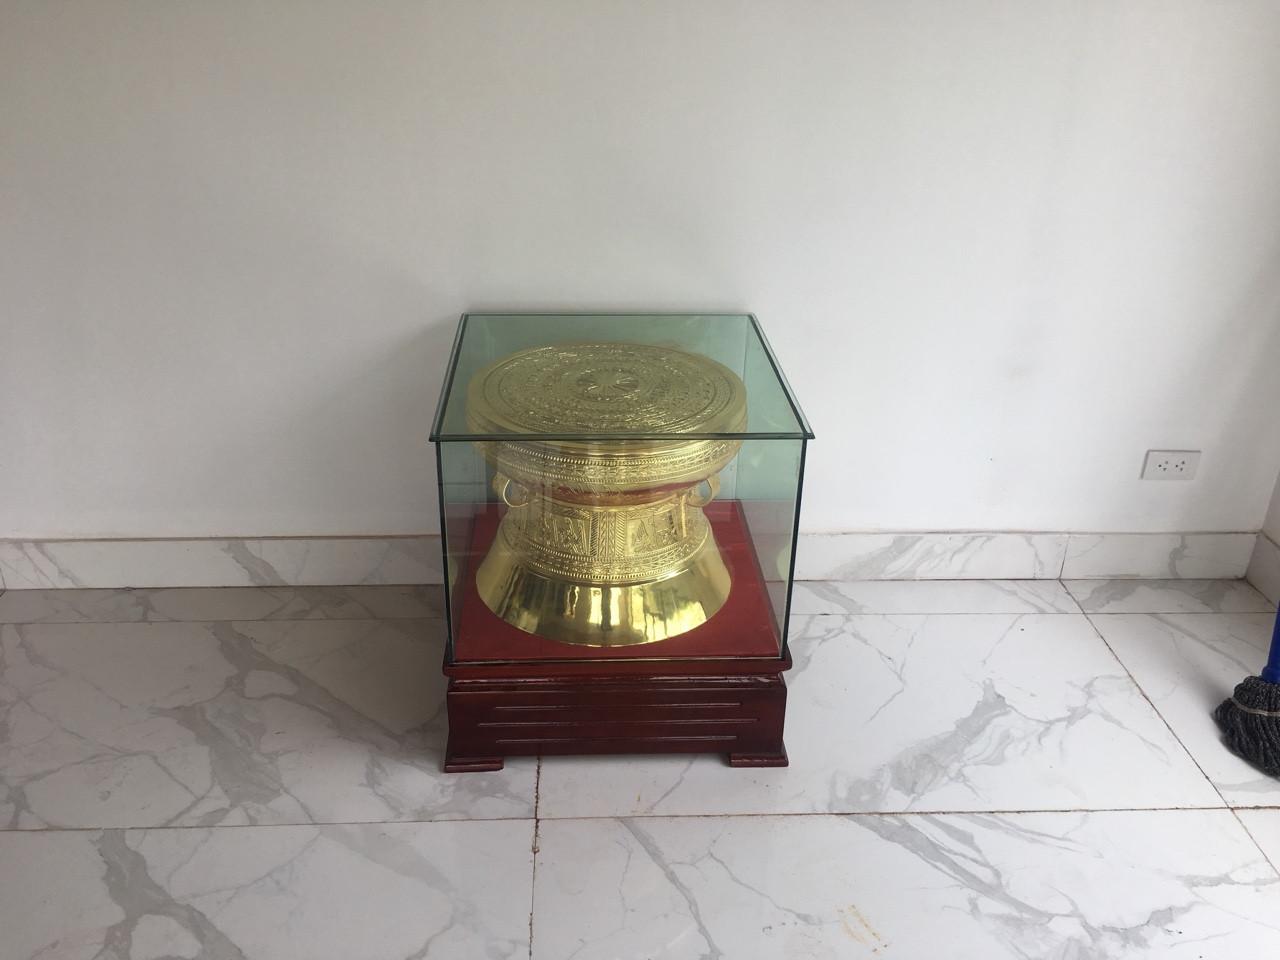 Địa chỉ bán trống đồng quà tặng mạ vàng đẹp tinh xảo từng chi tiết